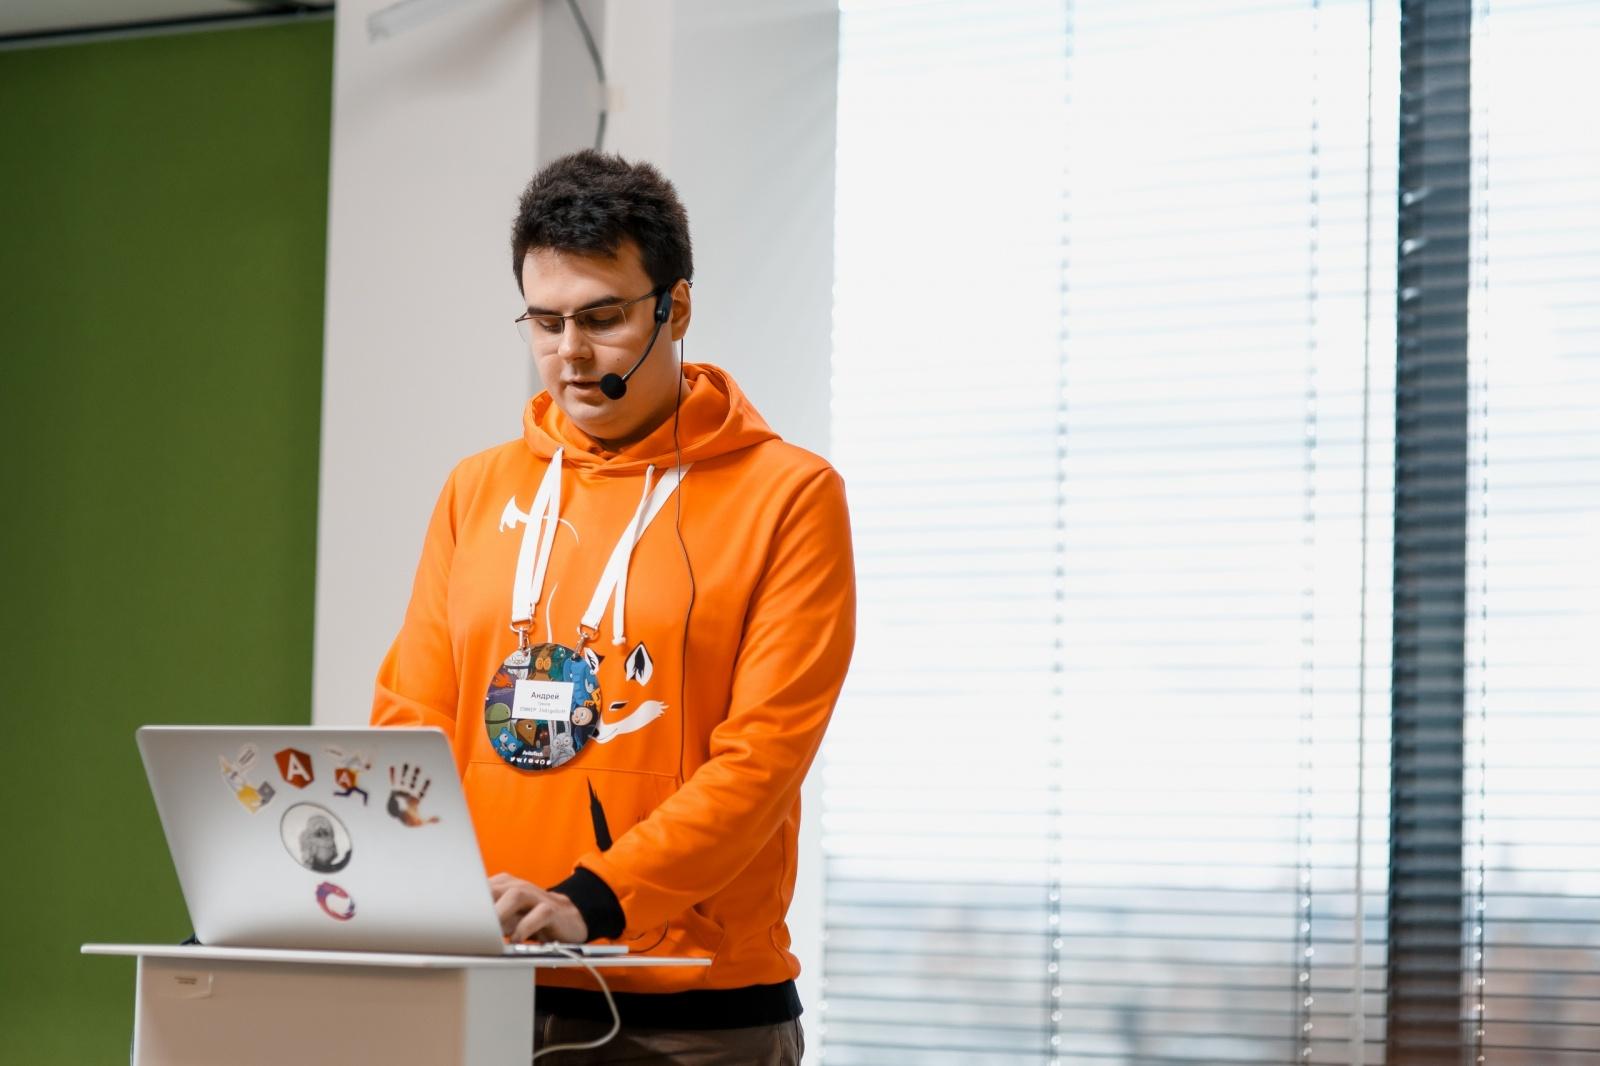 Материалы Panda Frontend Meetup #22: плагины, «сложные» данные, тестирование, декларативный Angular - 5